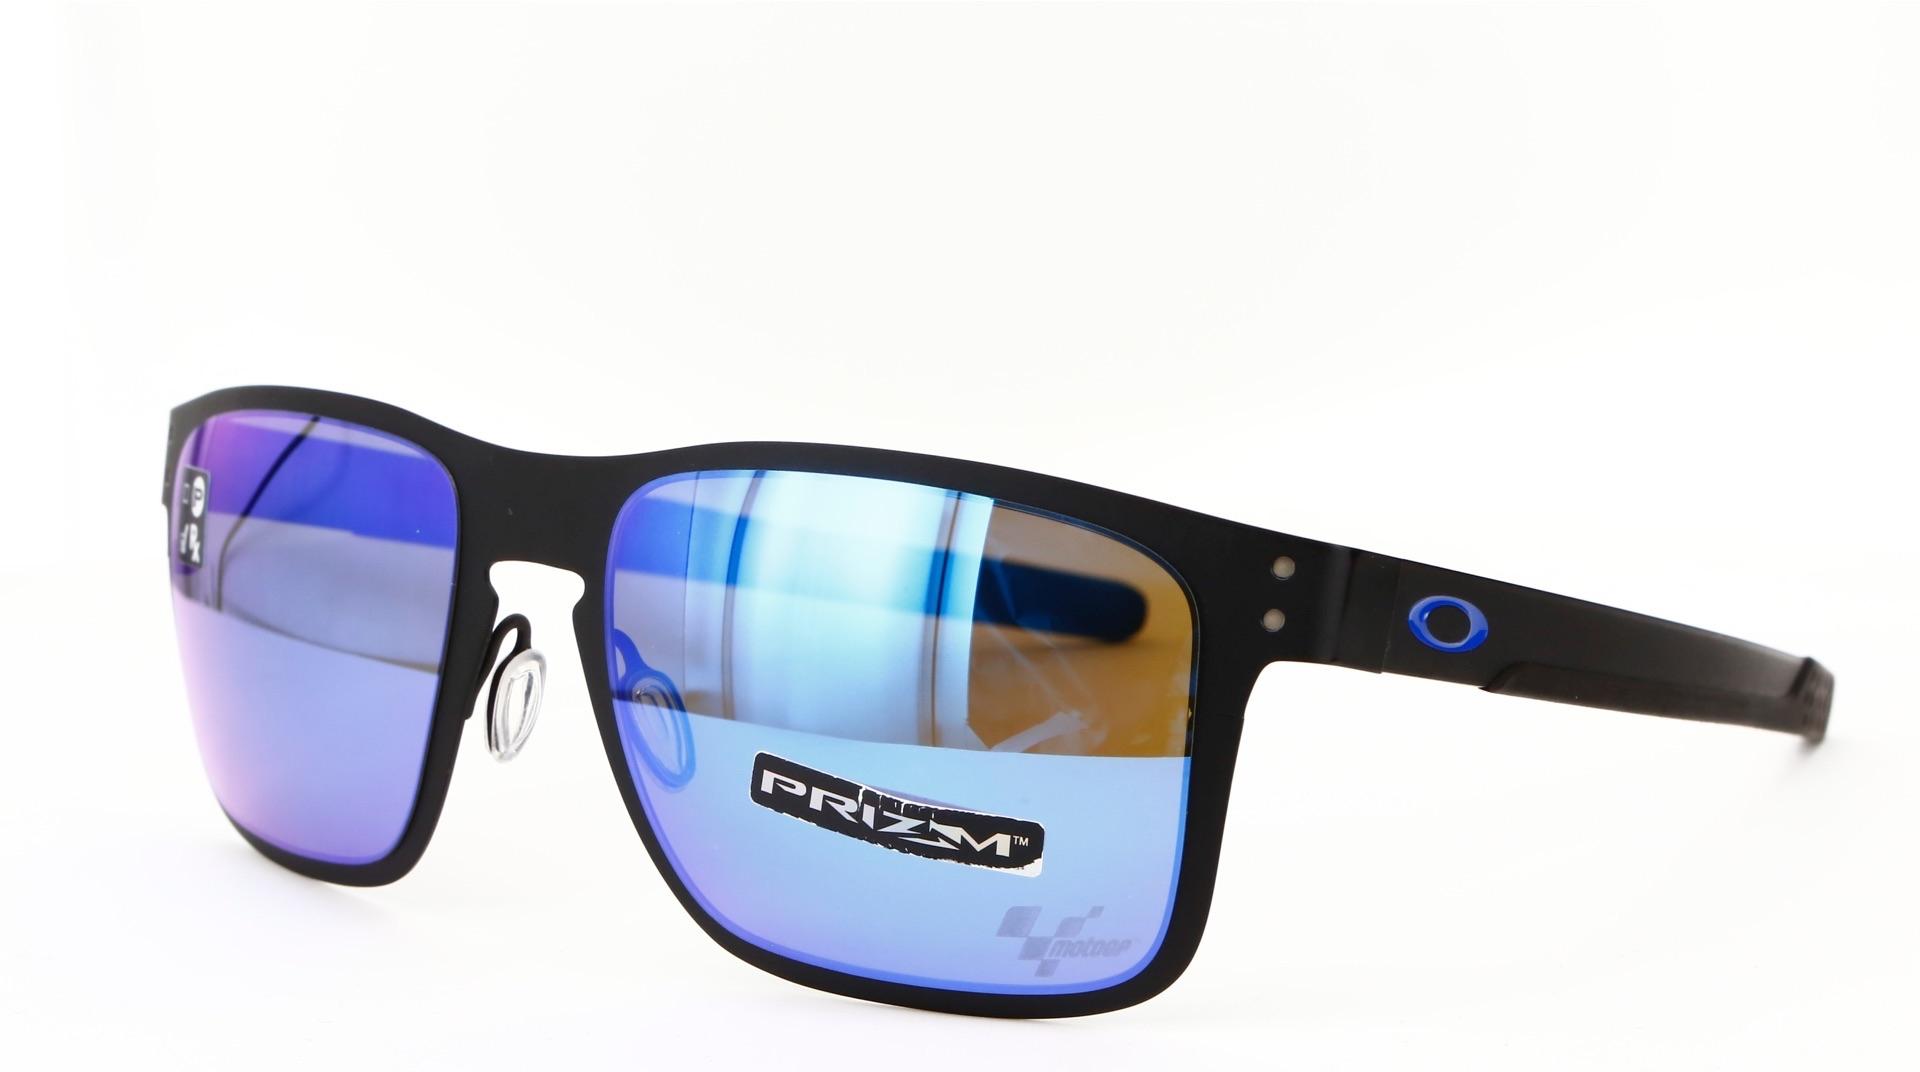 Oakley - ref: 79368